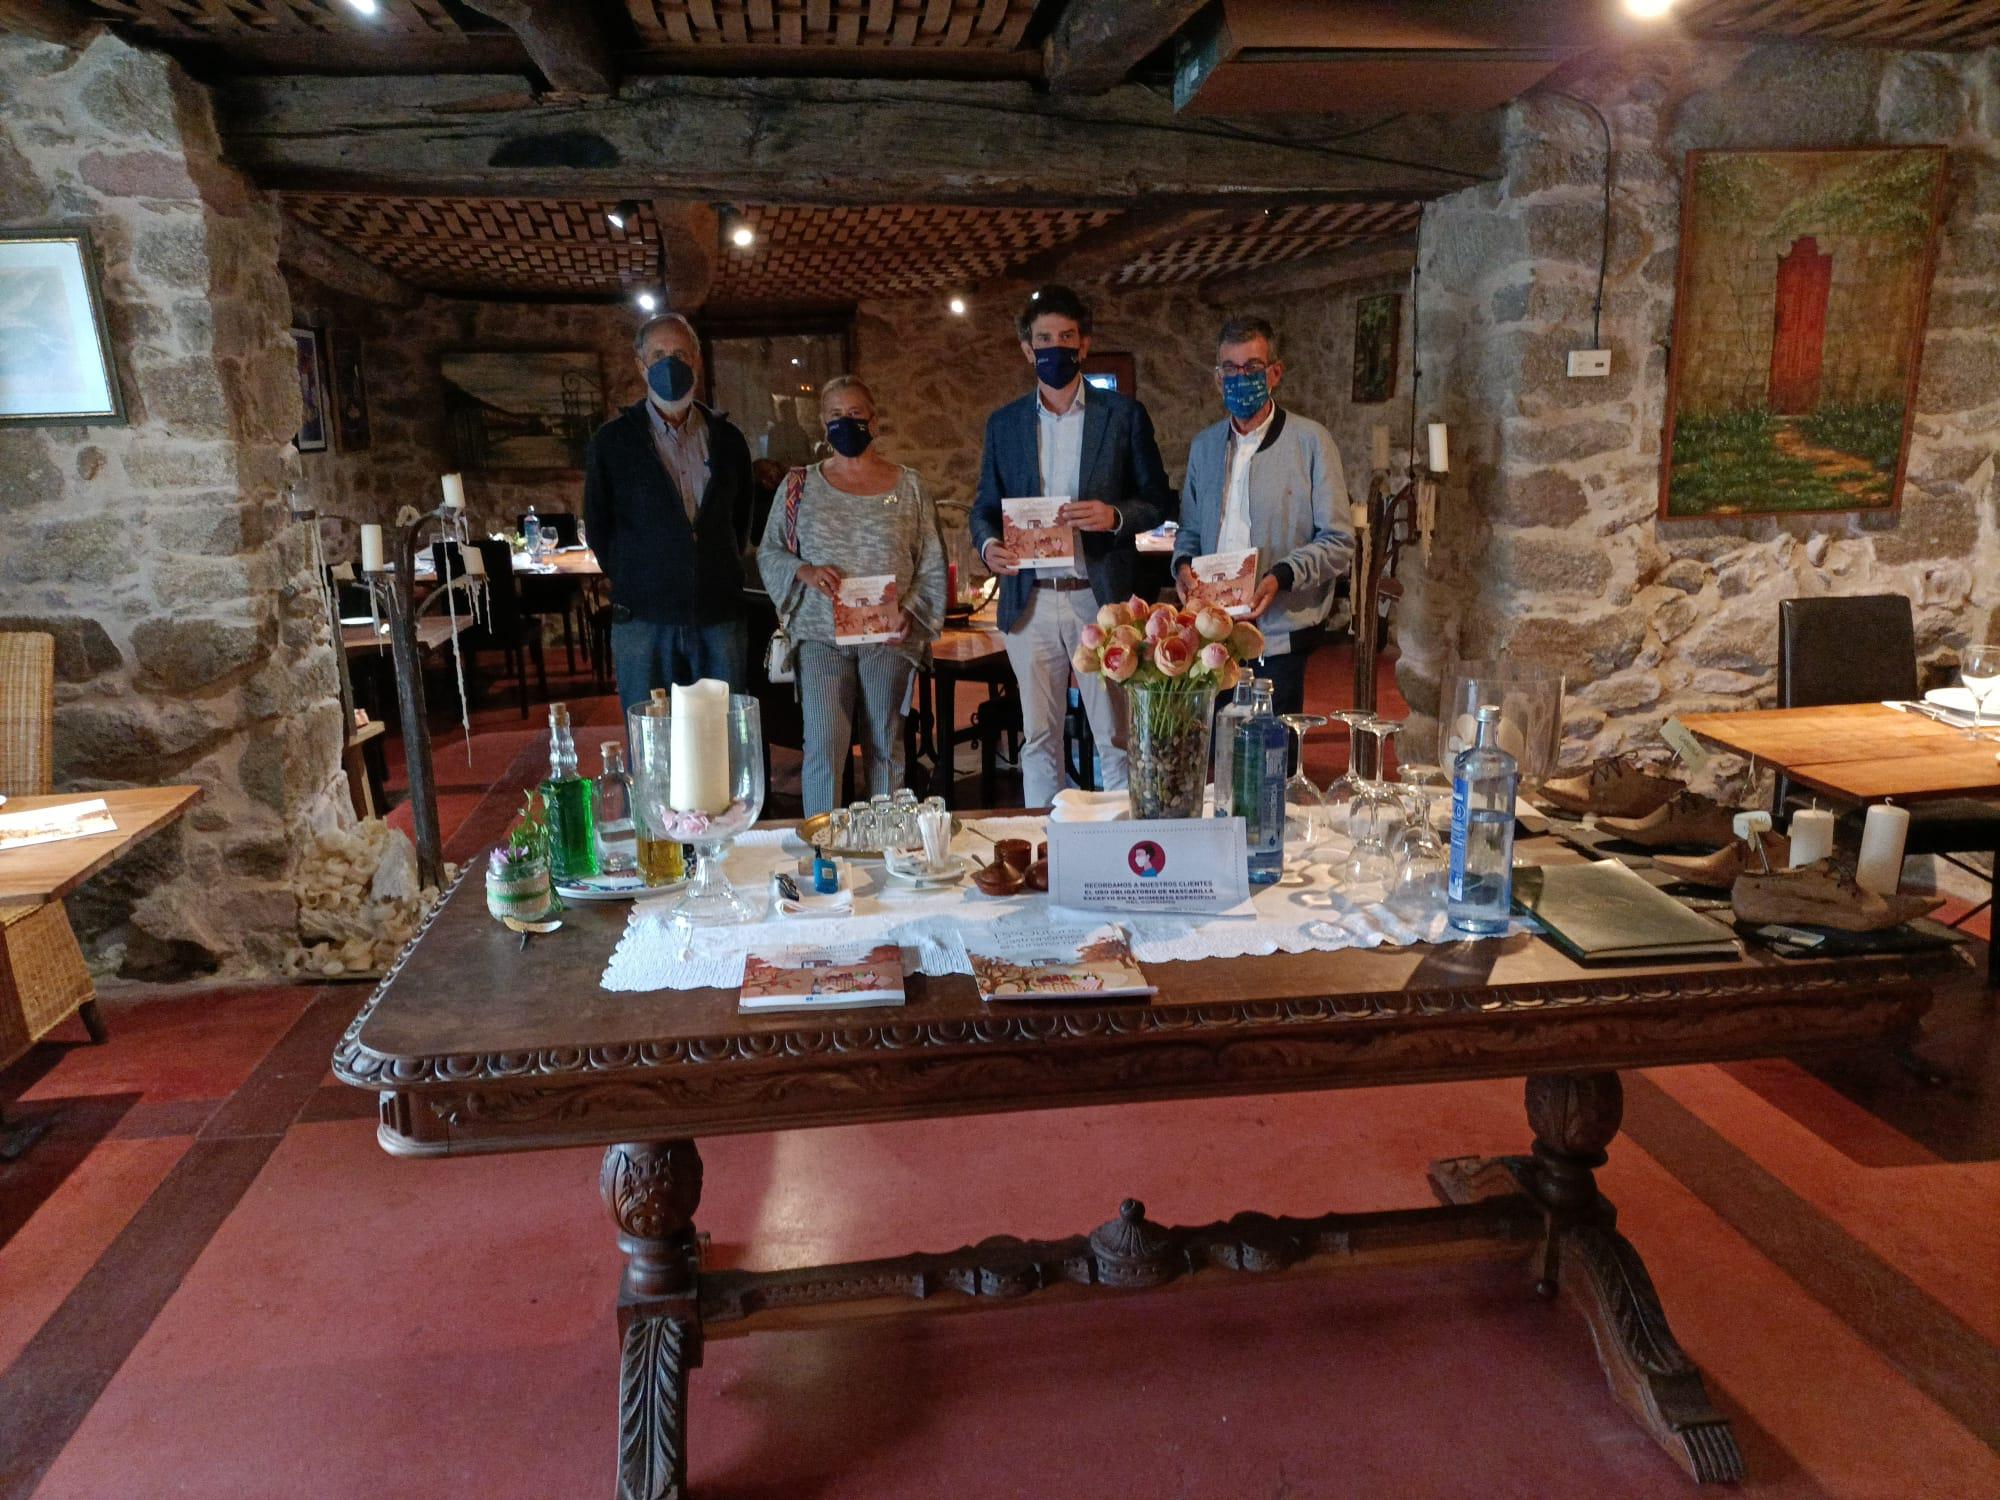 Finca Goleta (Foz), Finca O Bizarro (Trabada) e Casa Norita (Lourenzá) participan ata finais de ano na 15ª edición do Outono Gastronómico